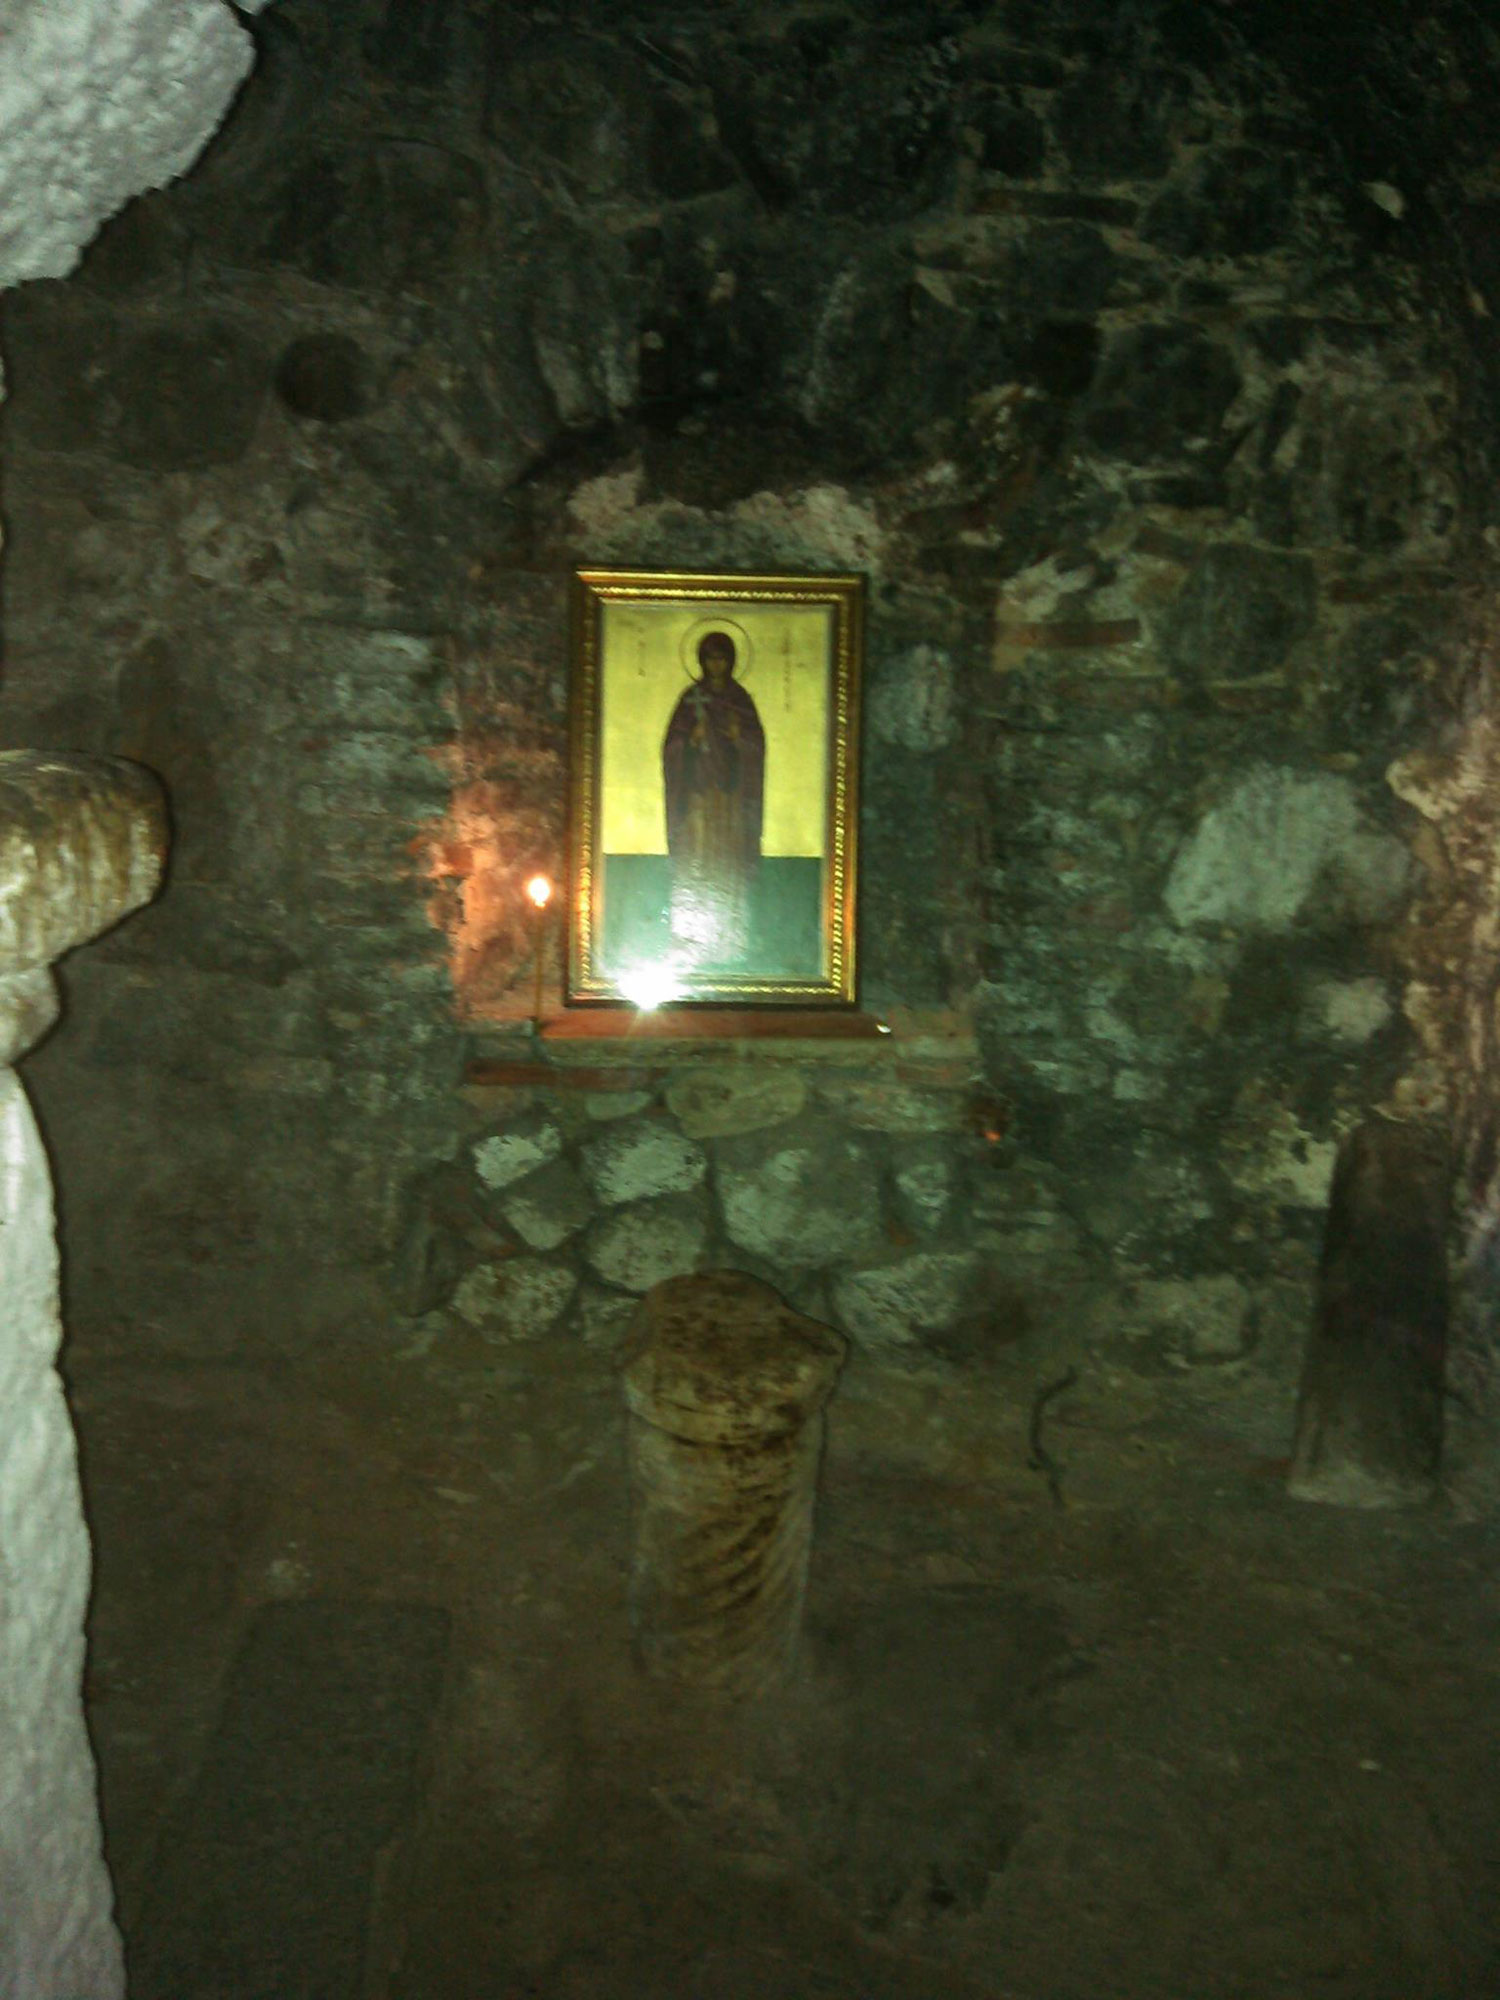 Παρεκκλήσι Αγίας Παρασκευής σε κοίλωμα στη νότια πλευρά του ναού της Μεταμόρφωσης του Σωτήρος